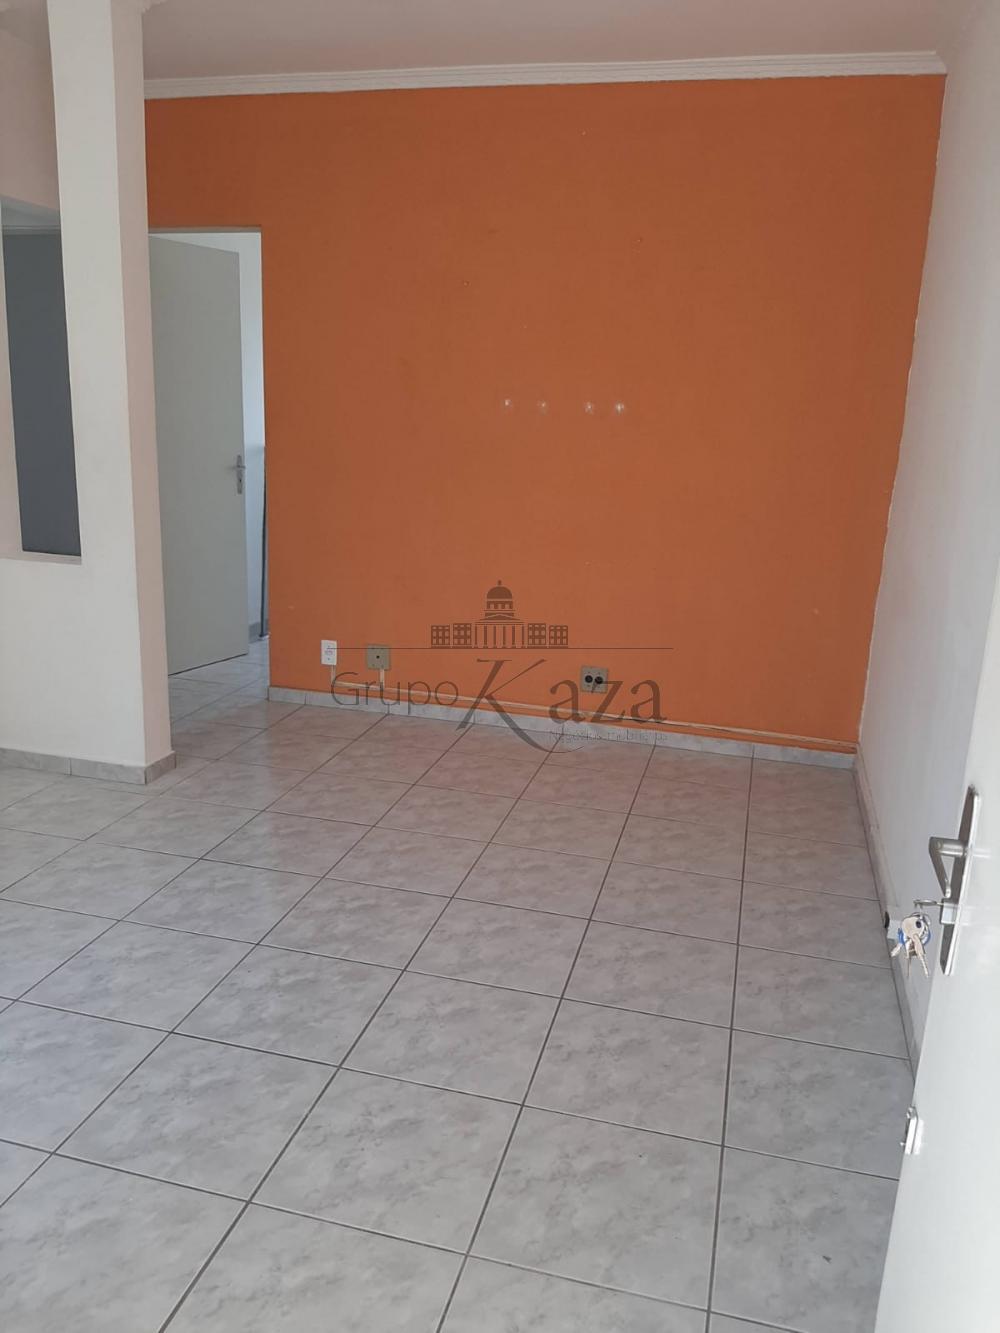 alt='Comprar Apartamento / Padrão em Jacareí R$ 180.000,00 - Foto 1' title='Comprar Apartamento / Padrão em Jacareí R$ 180.000,00 - Foto 1'